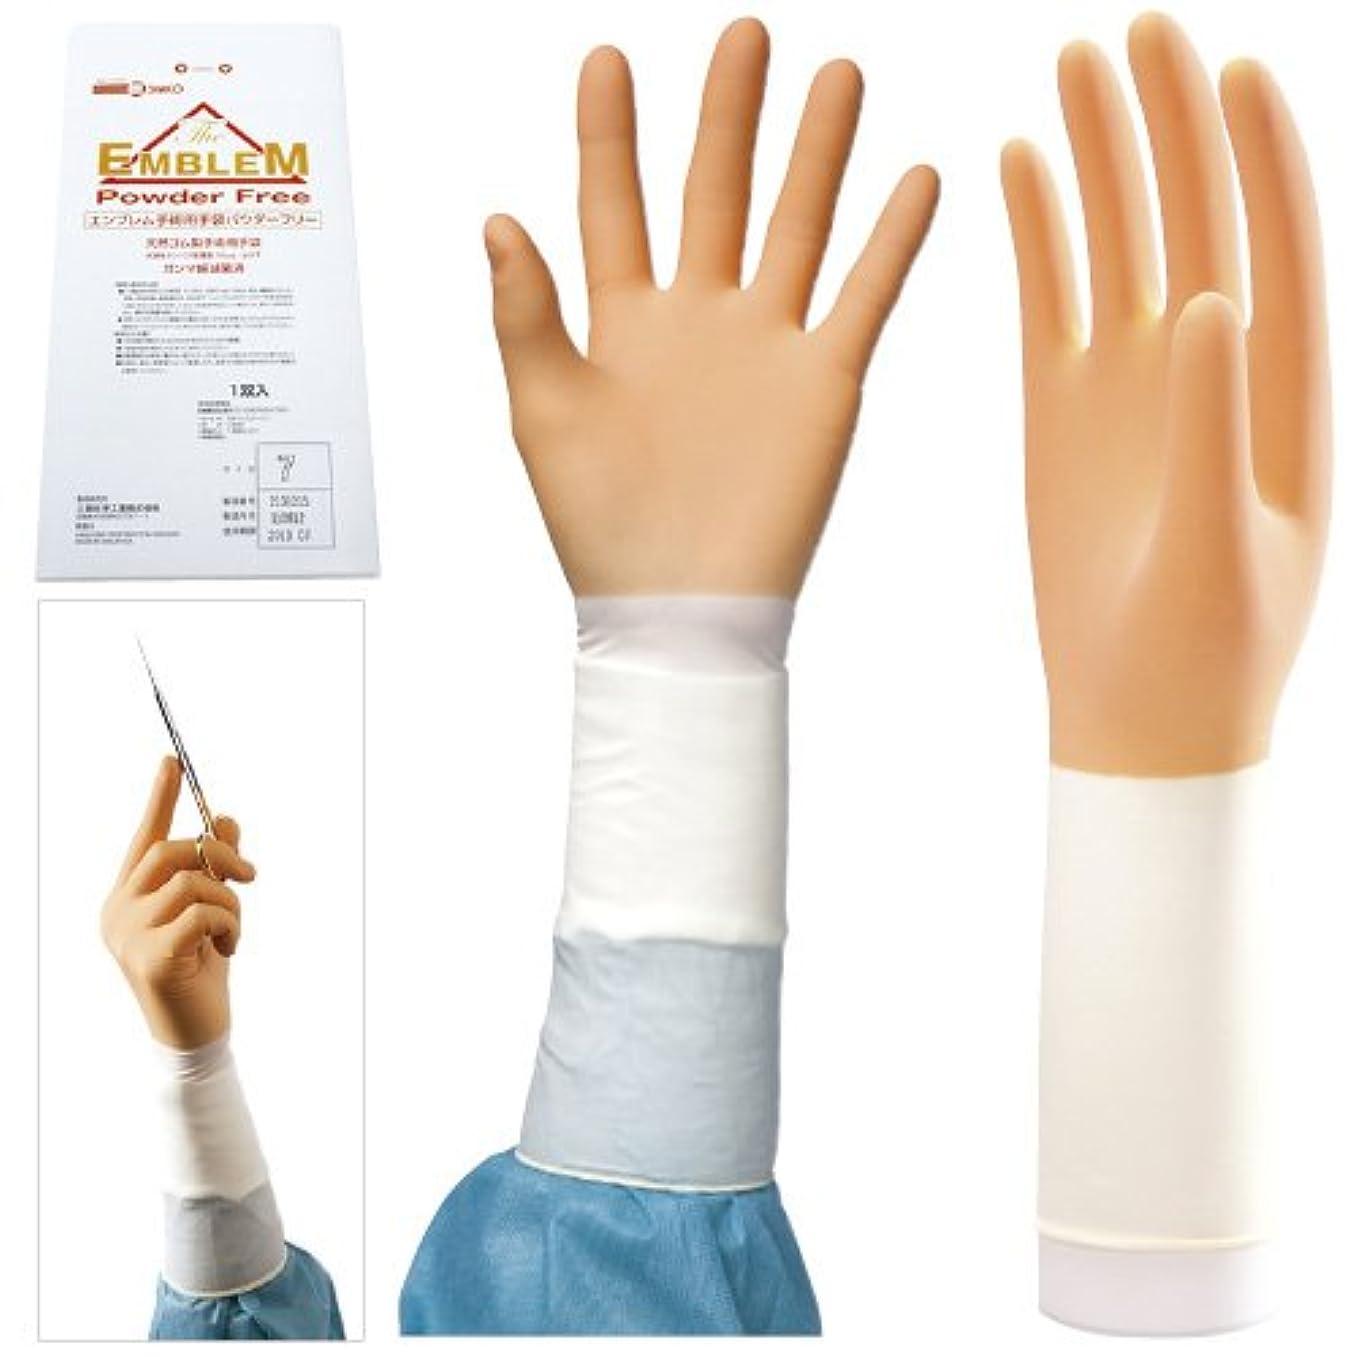 何観光インチエンブレム手術用手袋 パウダーフリー NEW(20双入) 7